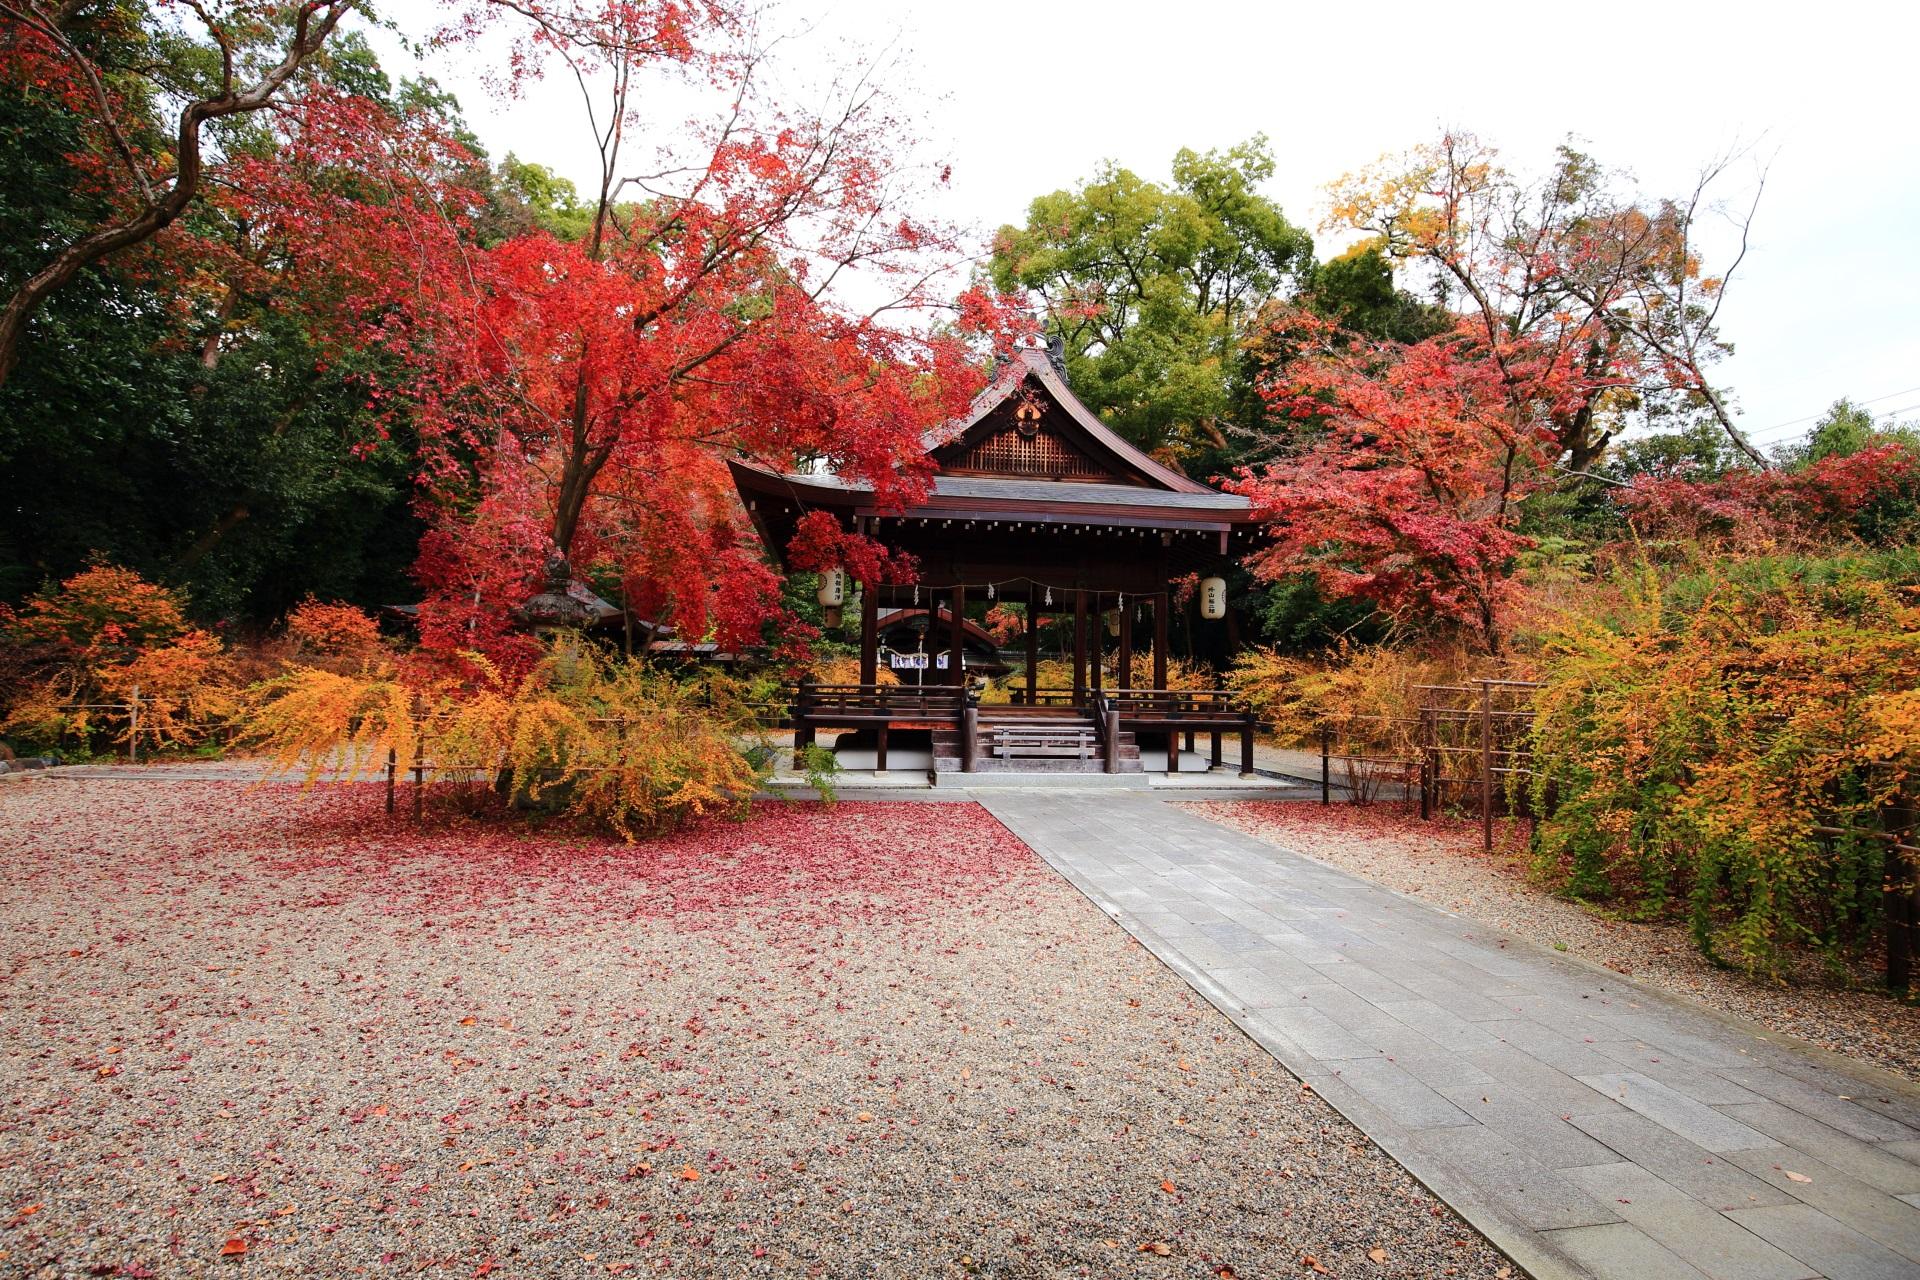 梨木神社(なしのきじんじゃ)の絵になる秋の情景